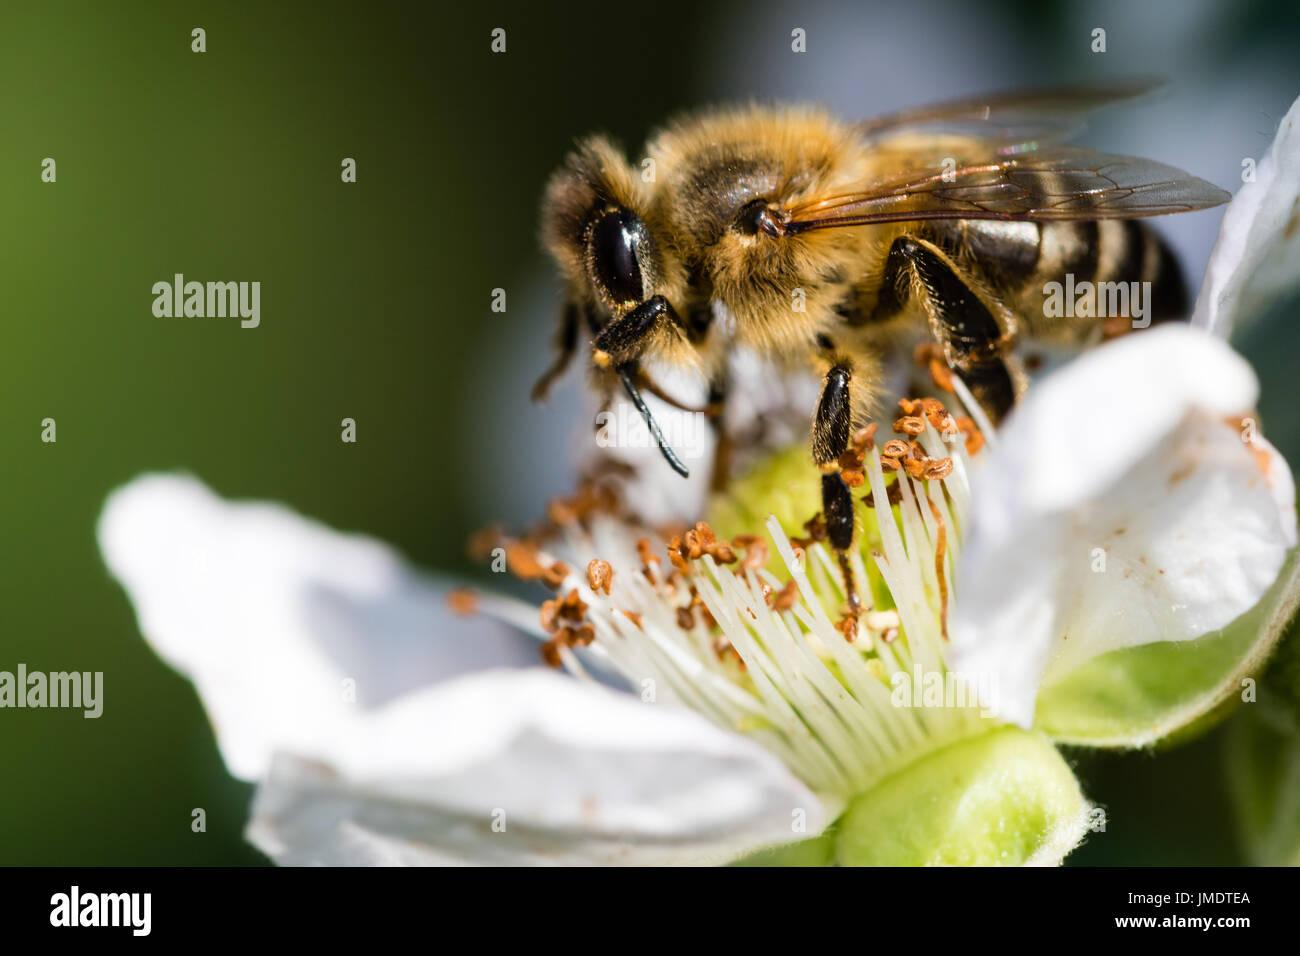 Die Europäische Biene Bestäubung eine kleine weiße Blume in der Frühlingswiese. Makroaufnahme mit dunklem Hintergrund verschwommen. Stockbild